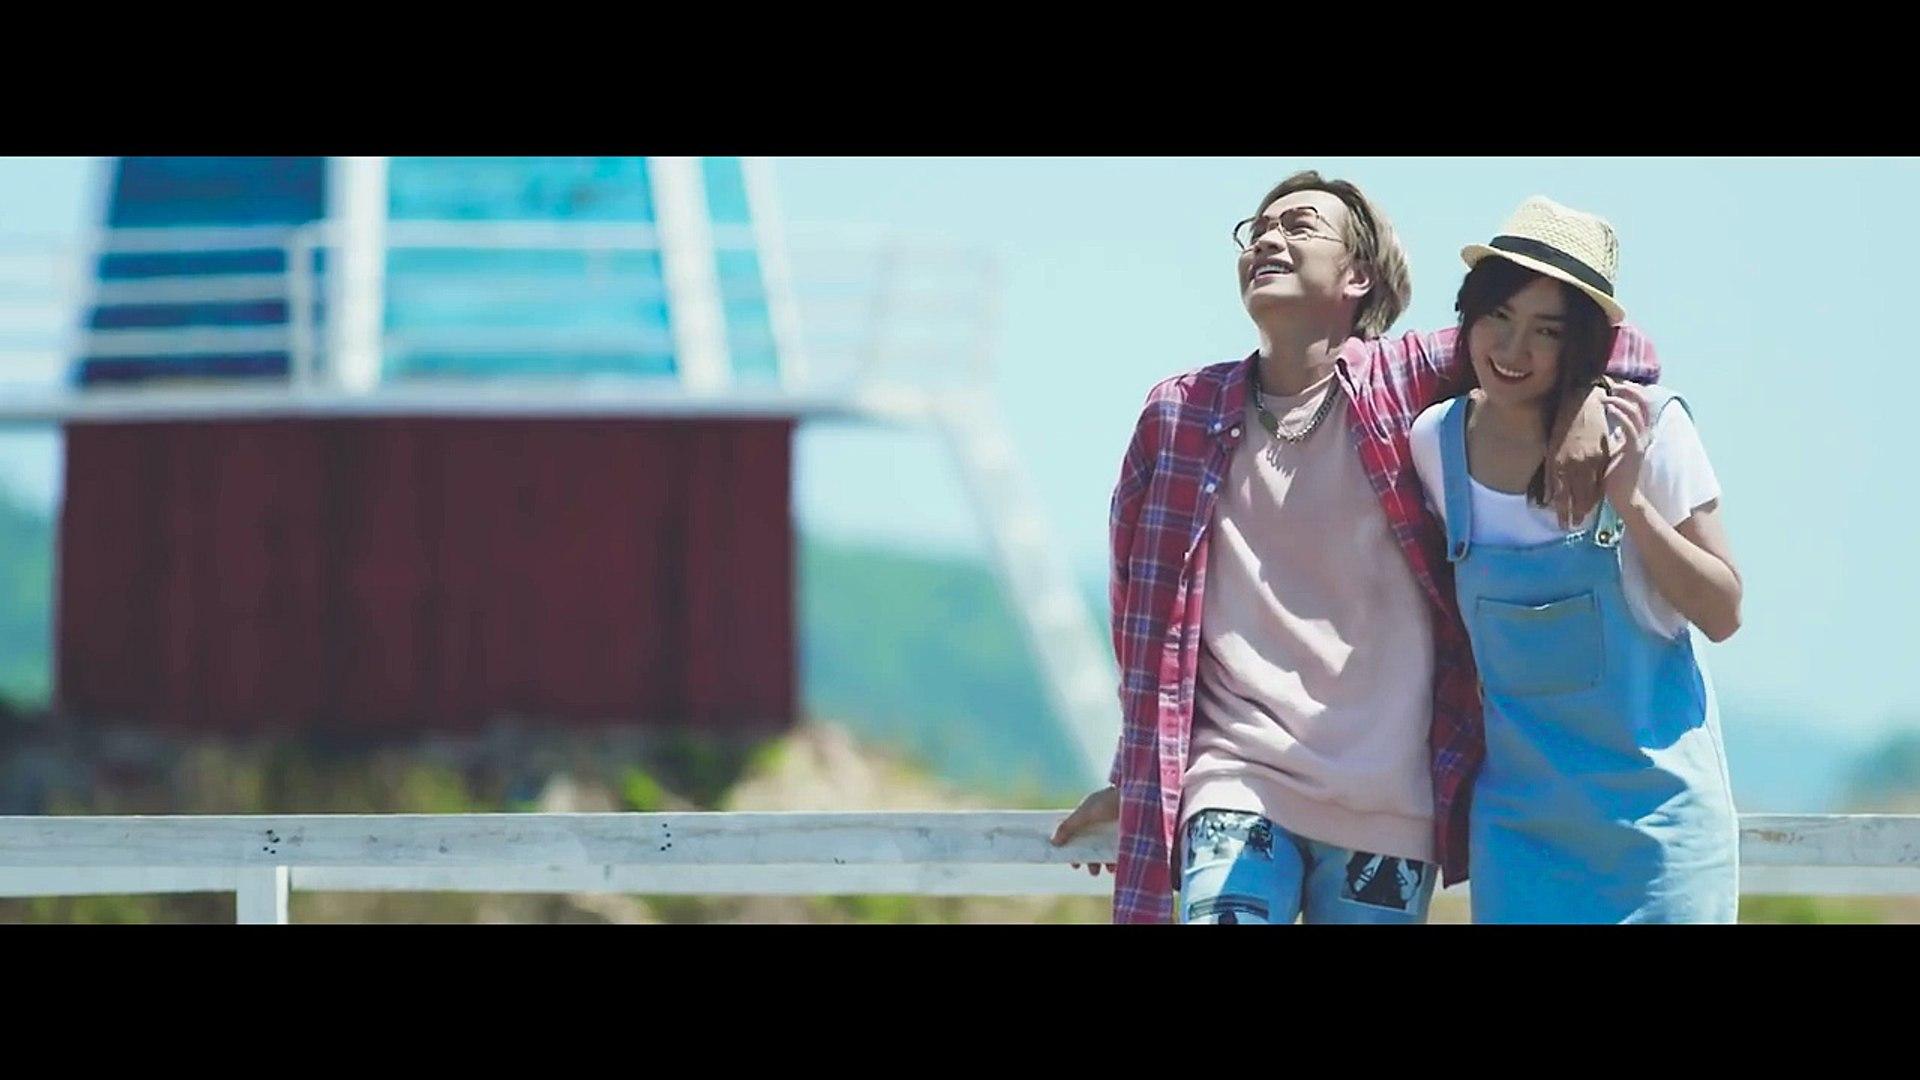 Dem Ngay Xa Em Lyrics Đếm ngày xa em only c ft. lou hoàng official mv - video